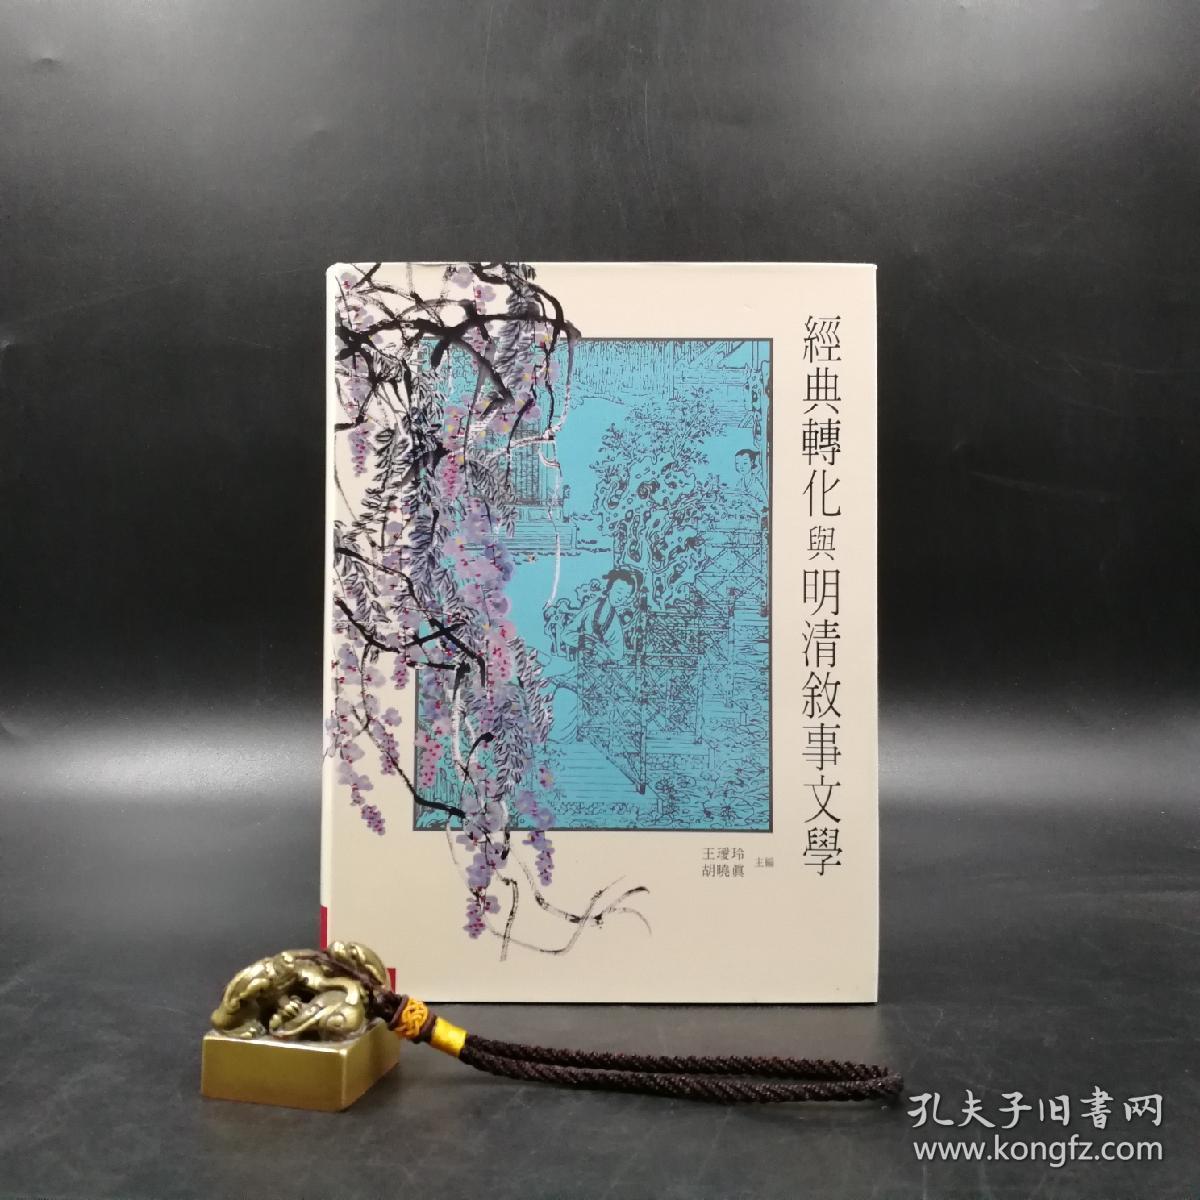 台湾联经版   王瑷玲 胡晓真 主编《經典轉化與明清敘事文學》(精装)